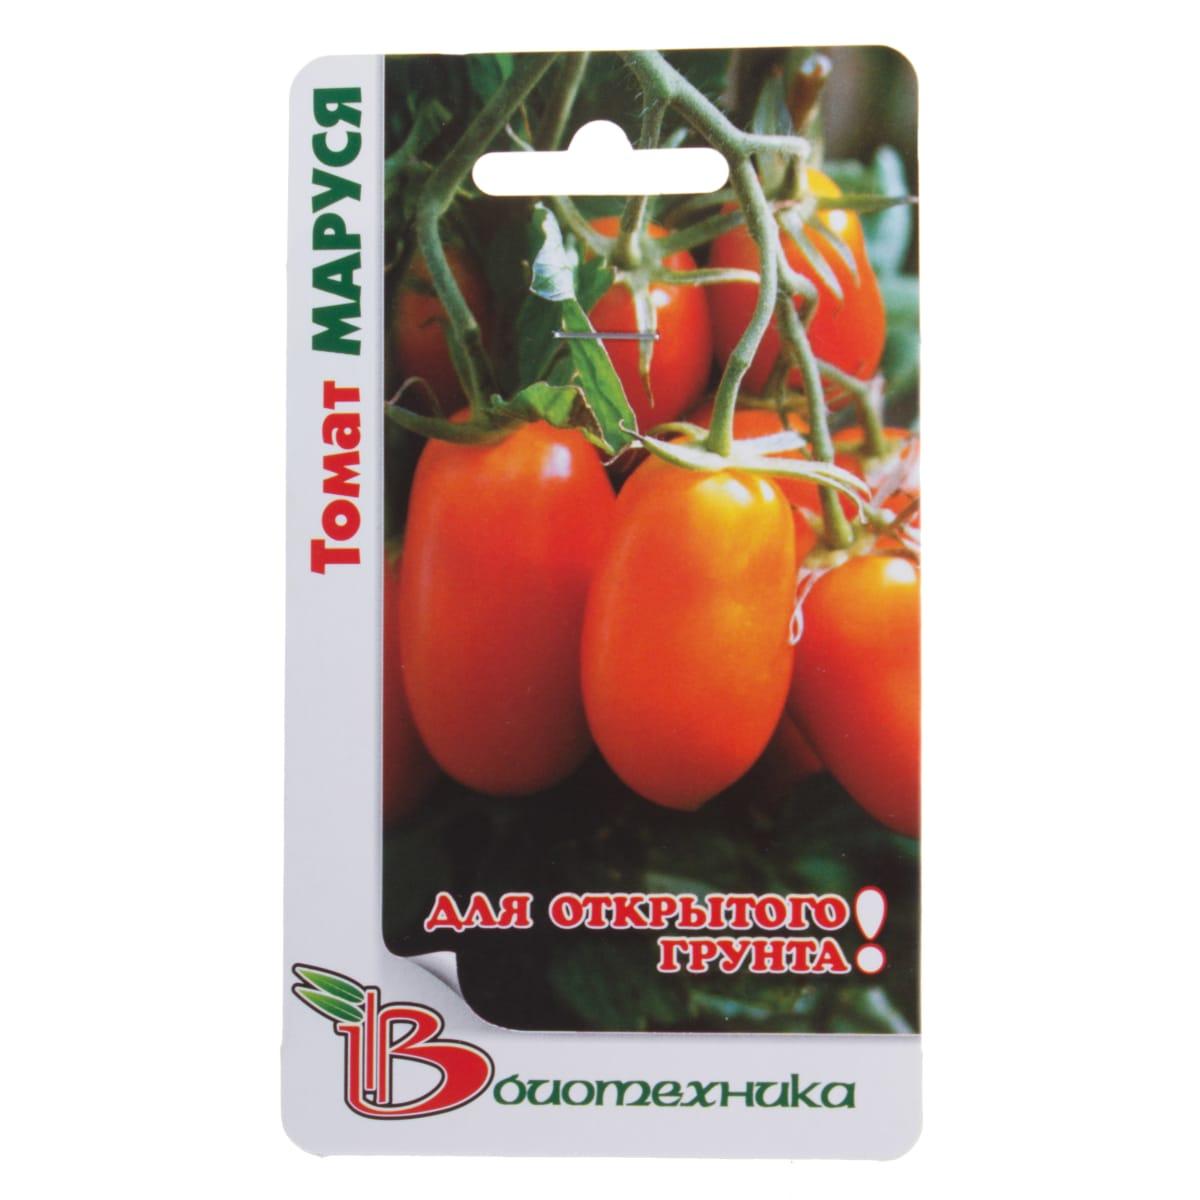 страна, имеющая томат маруся отзывы фото день этот